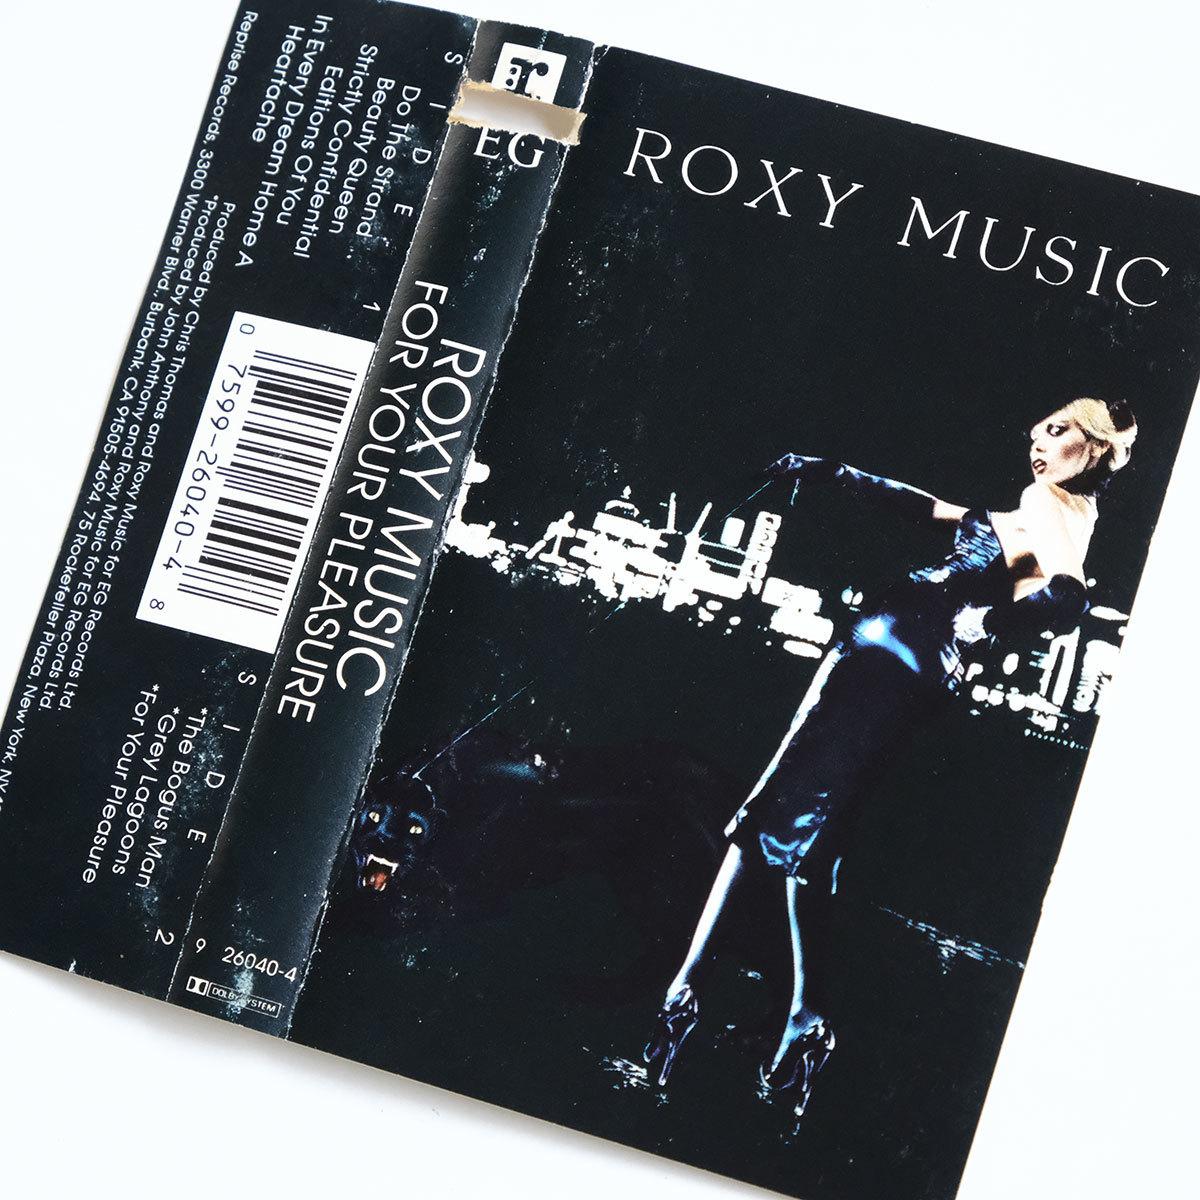 《US版カセットテープ》Roxy Music●For Your Pleasure●ロキシー ミュージック●フォー ユア プレジャー_画像7